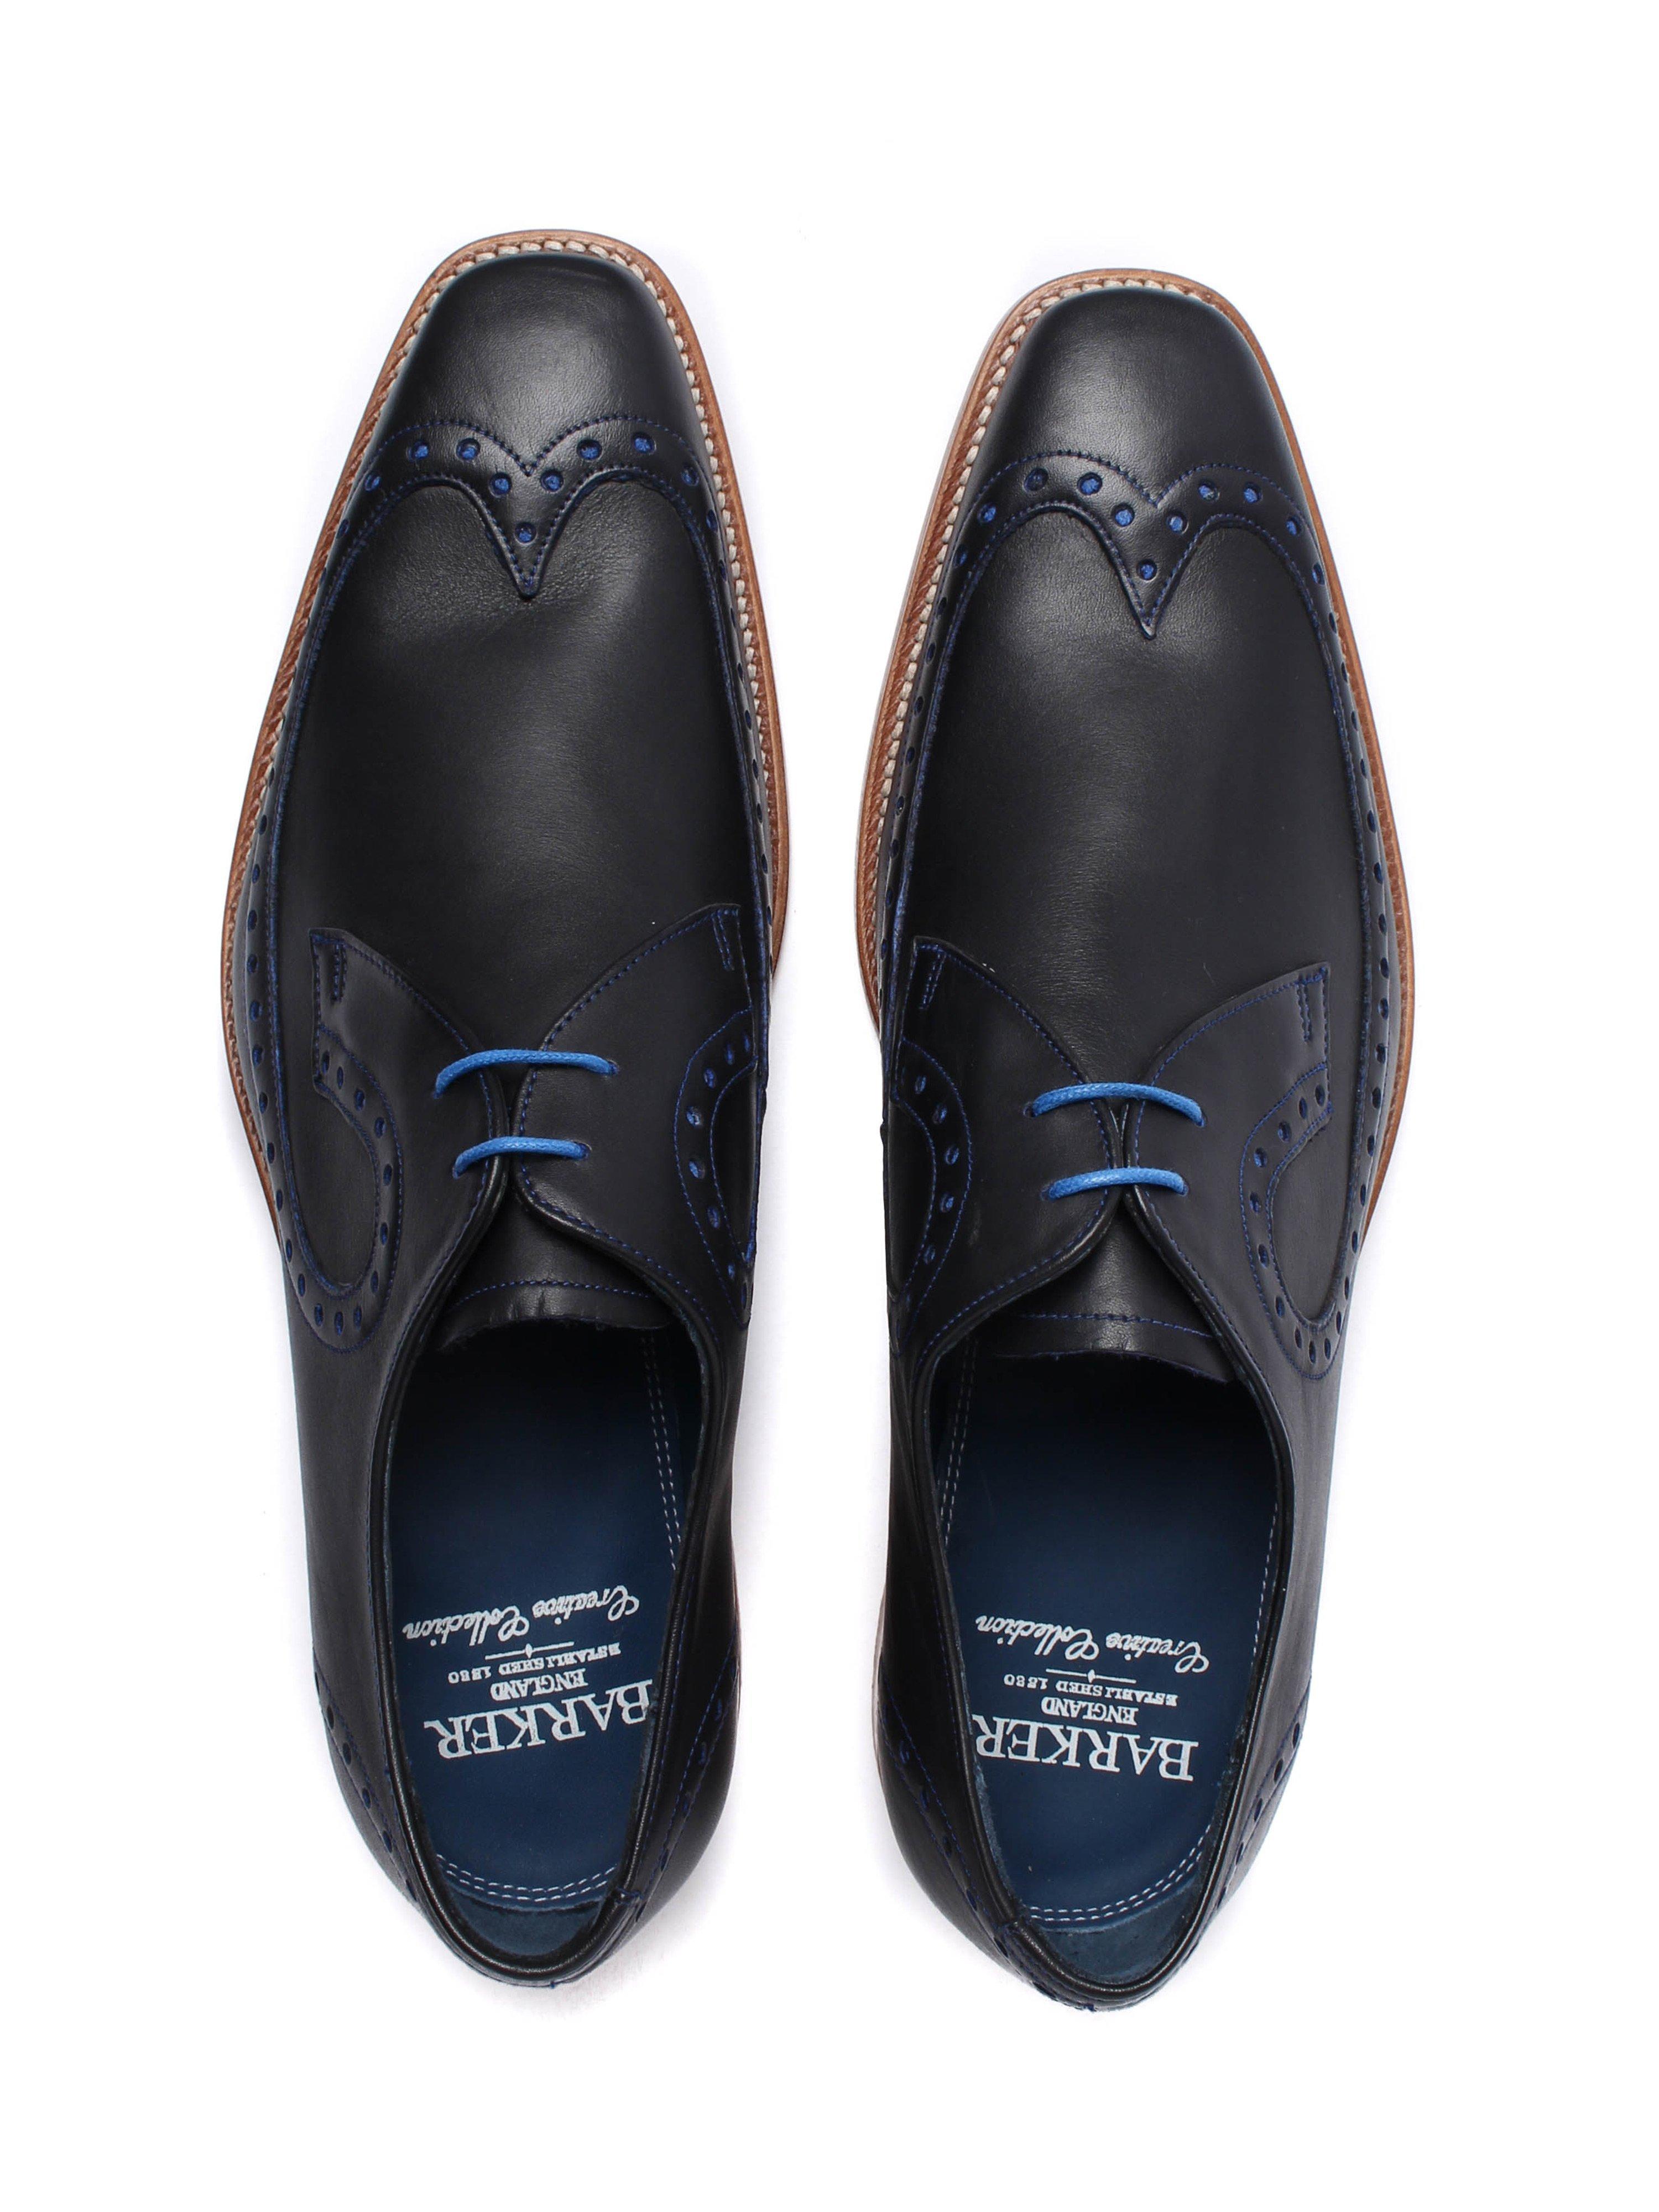 Barker Woody - Mens - Navy/Blue